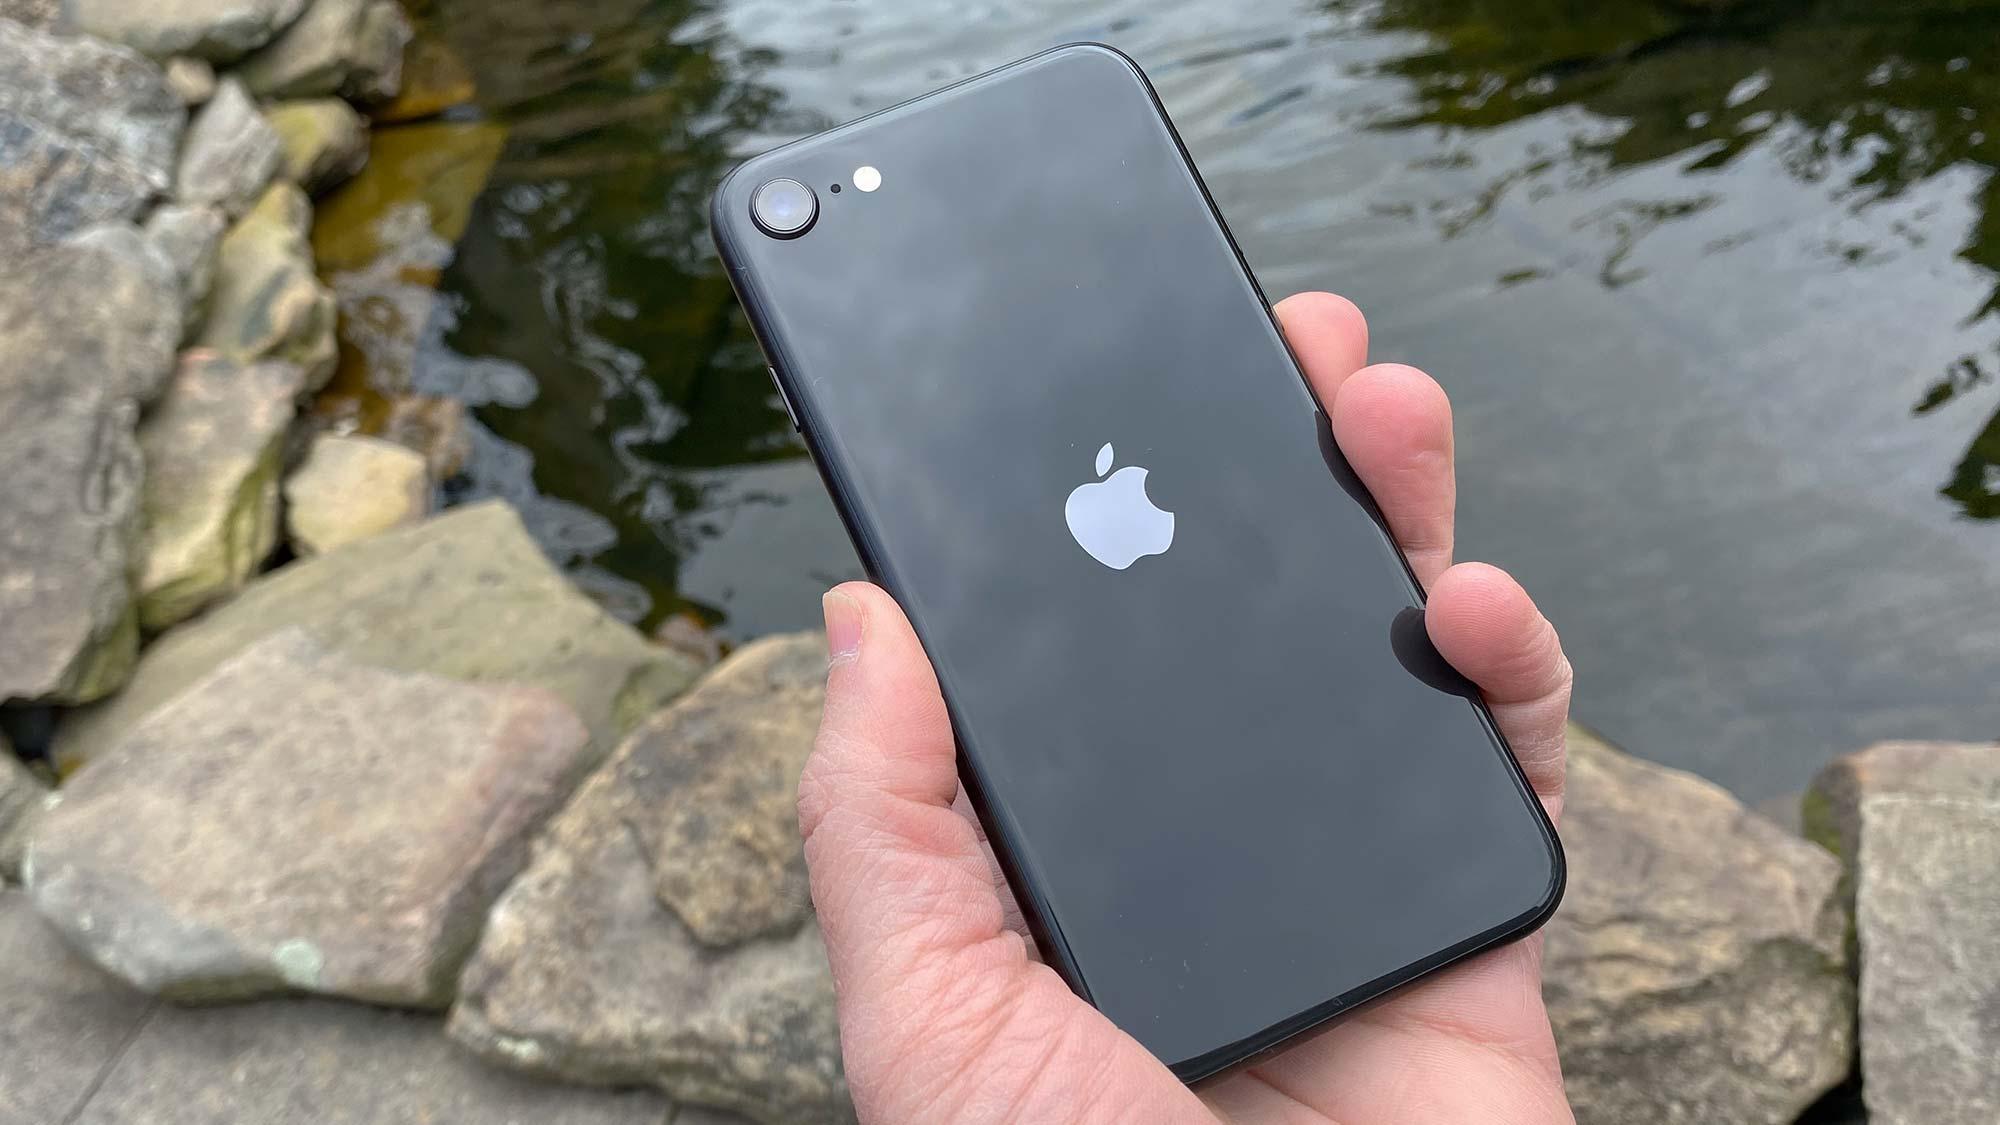 Best camera phone: iPhone SE 2020